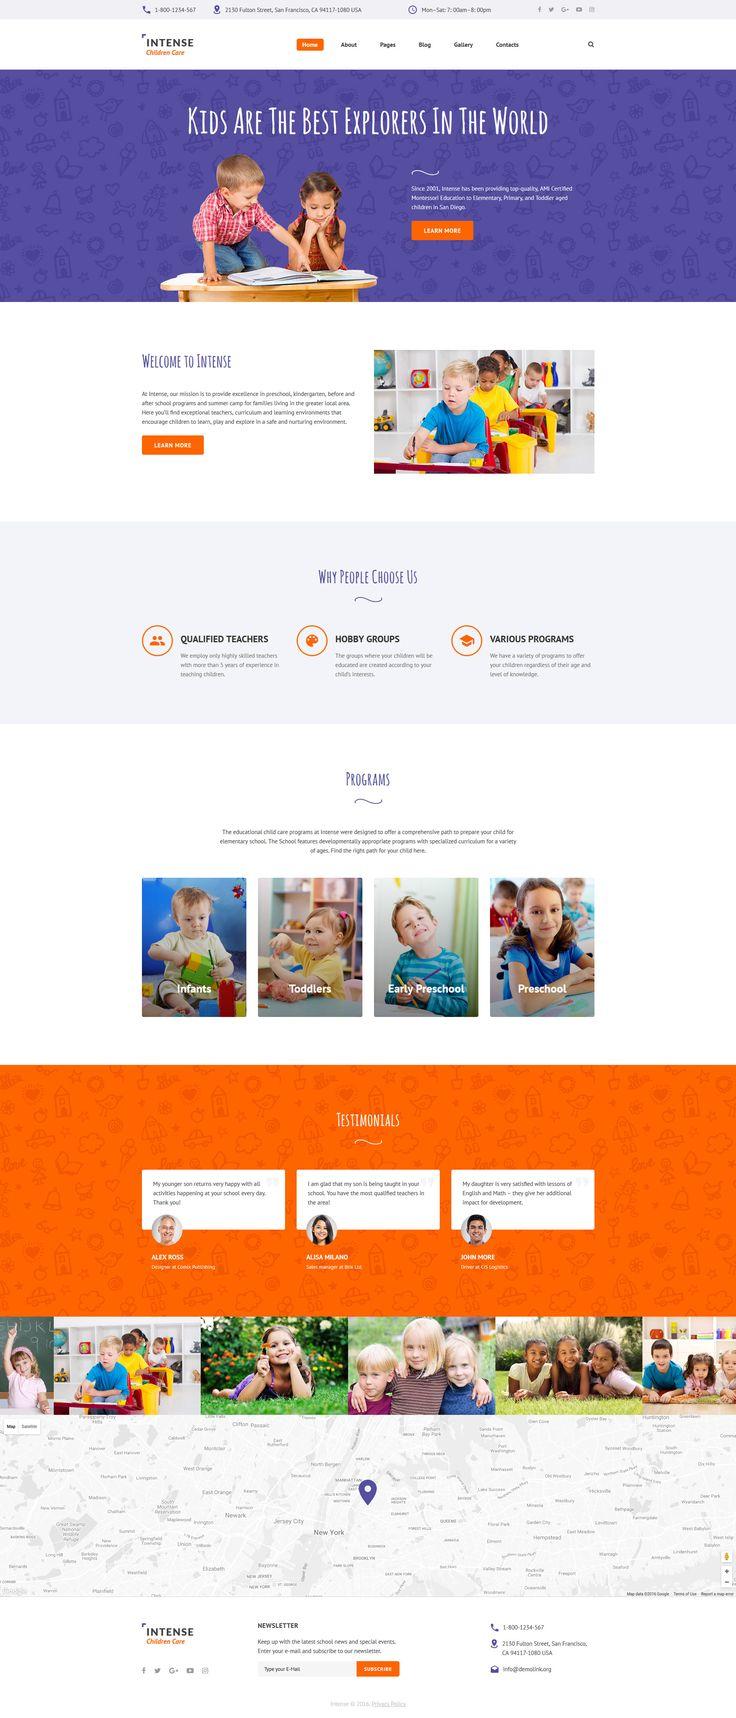 Kids Center Responsive Joomla Template #61337 - https://www.templatemonster.com/joomla-templates/kids-center-responsive-joomla-template-61337.html